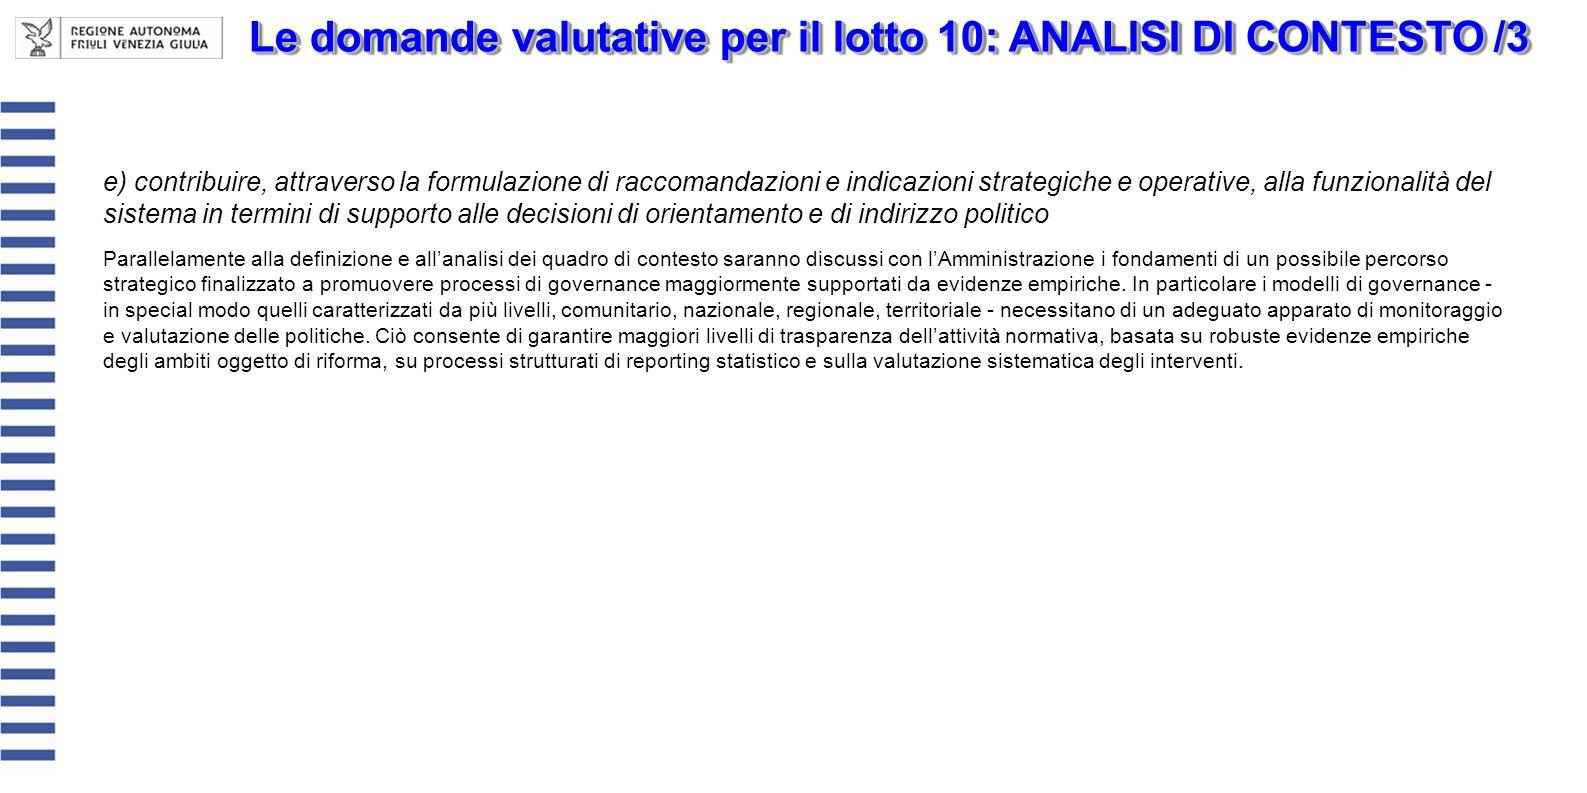 Le domande valutative per il lotto 10: ANALISI DI CONTESTO /3 e) contribuire, attraverso la formulazione di raccomandazioni e indicazioni strategiche